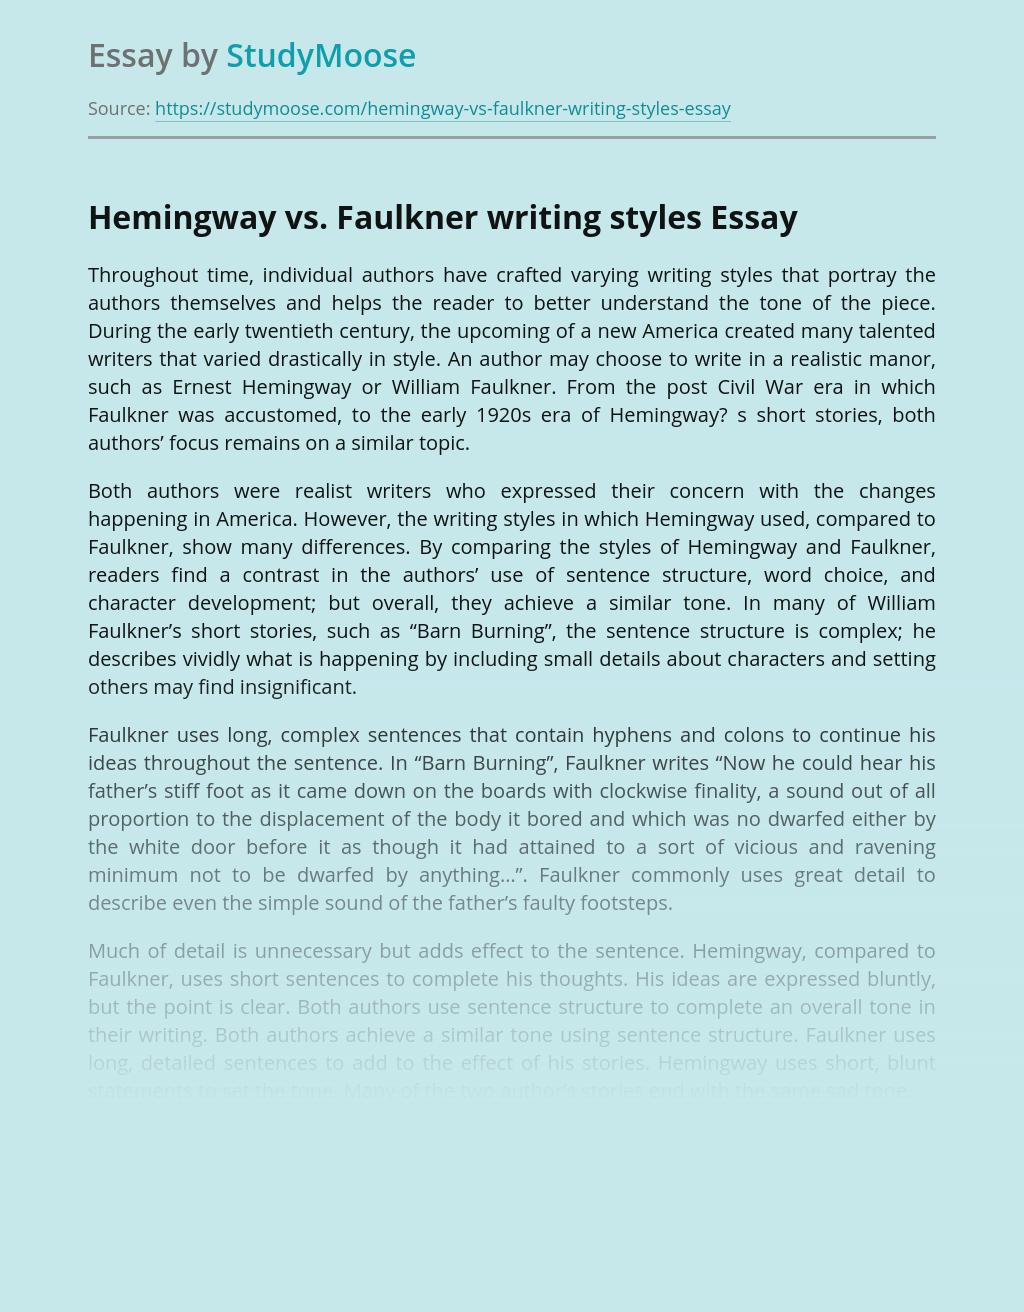 Hemingway vs. Faulkner writing styles